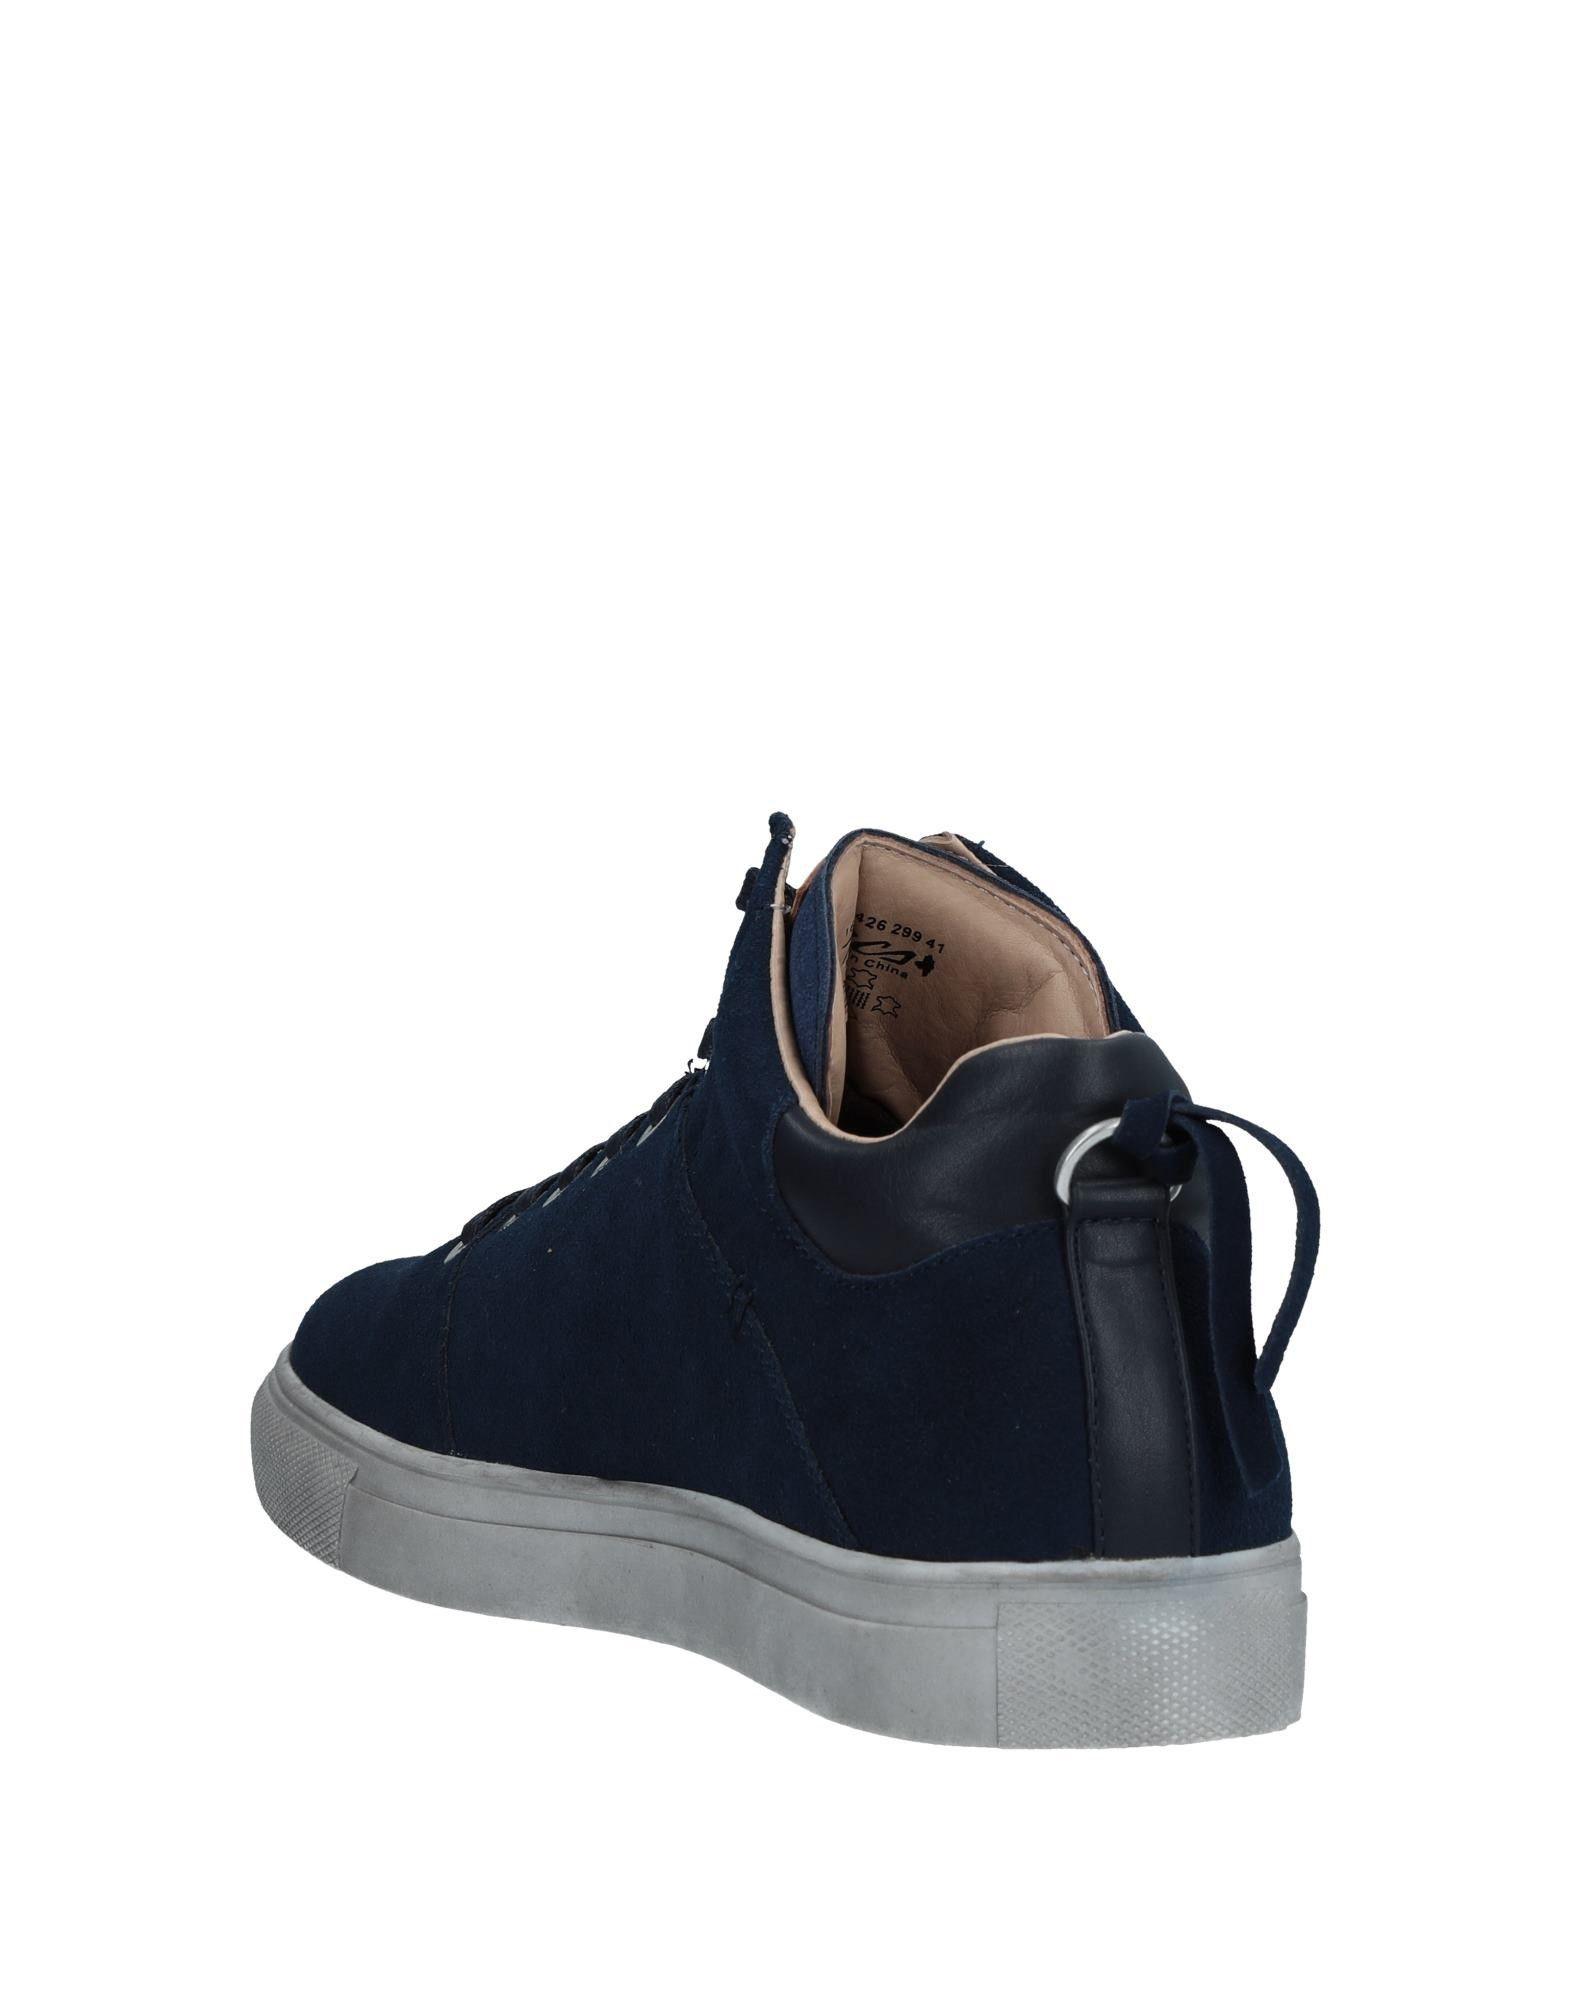 Rabatt echte Schuhe Mcs  Marlboro Classics Sneakers Herren  Mcs 11528009UN e205c5